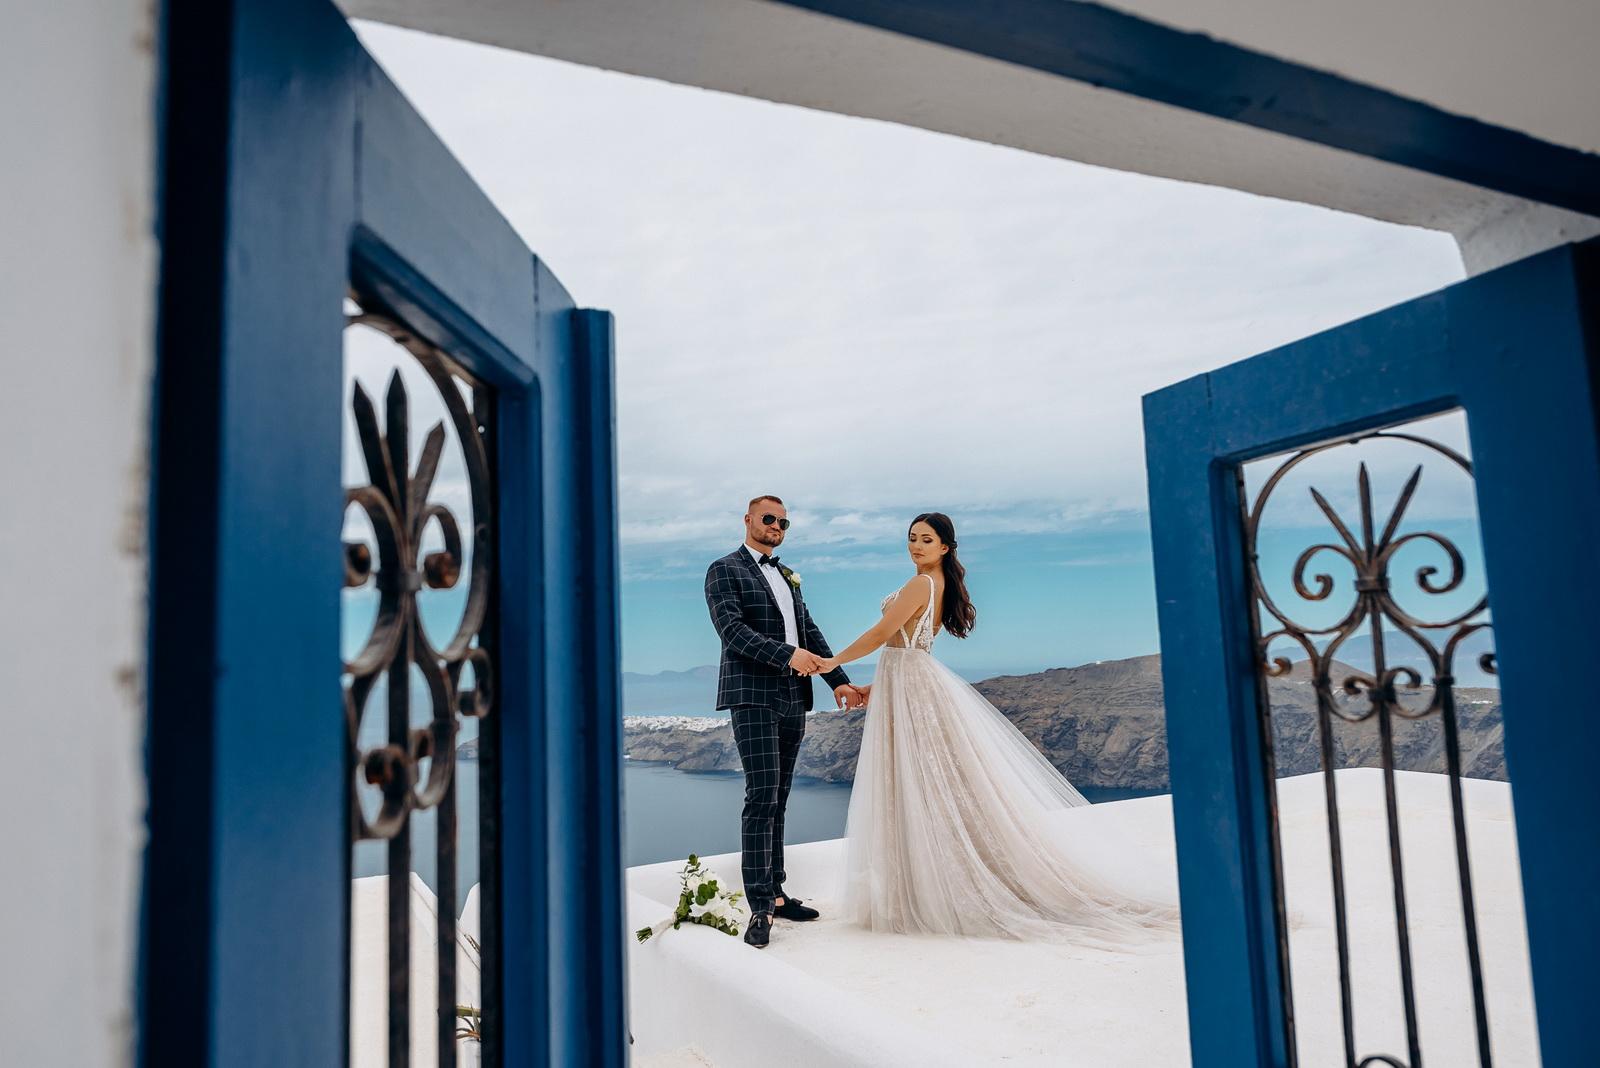 Александра и Евгений: свадьба на санторини, свадебное агентство Julia Veselova - Фото 1